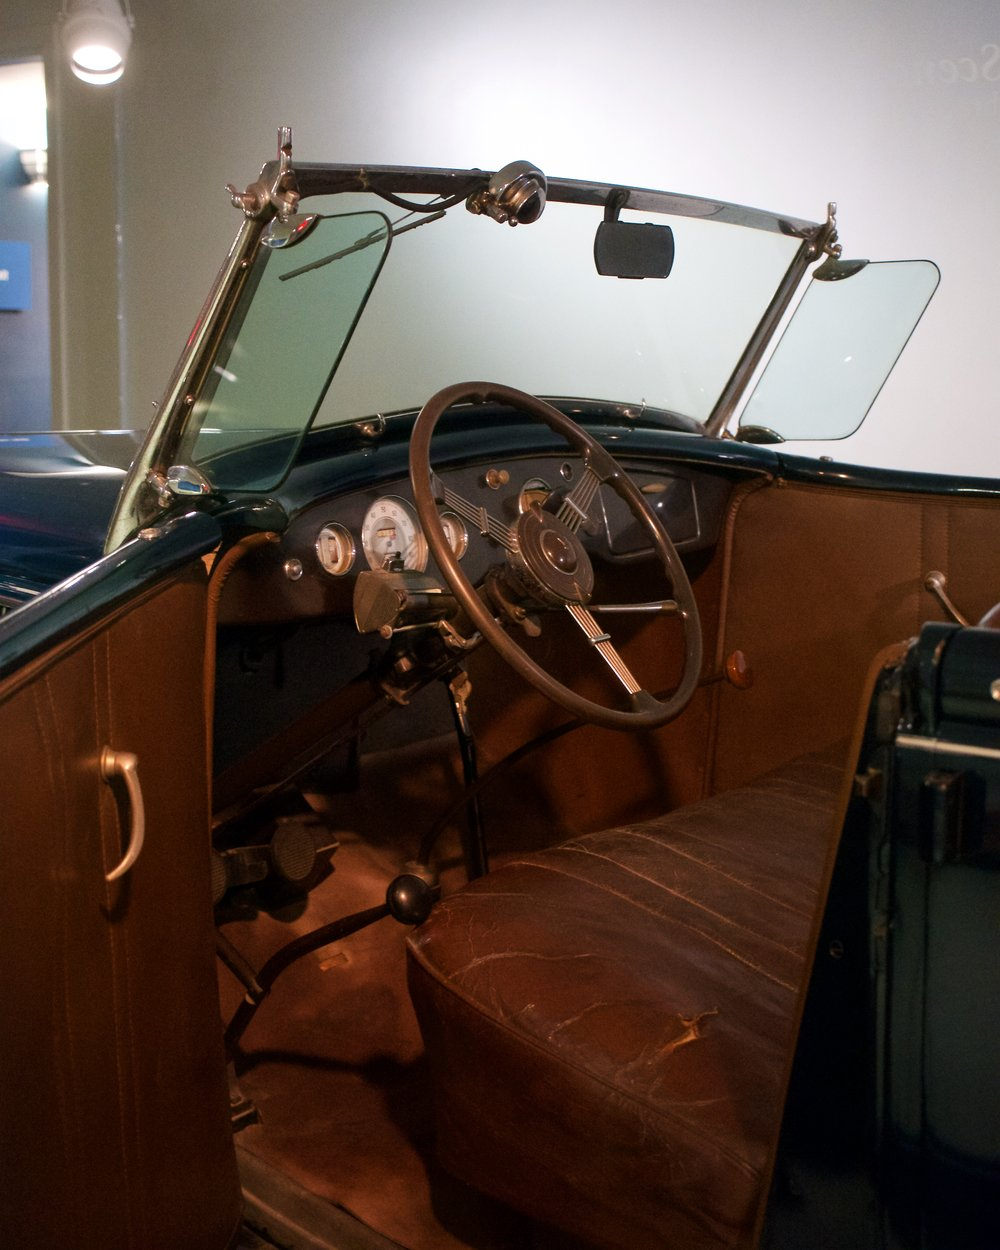 Interior of FDR's 1936 Ford Phaeton